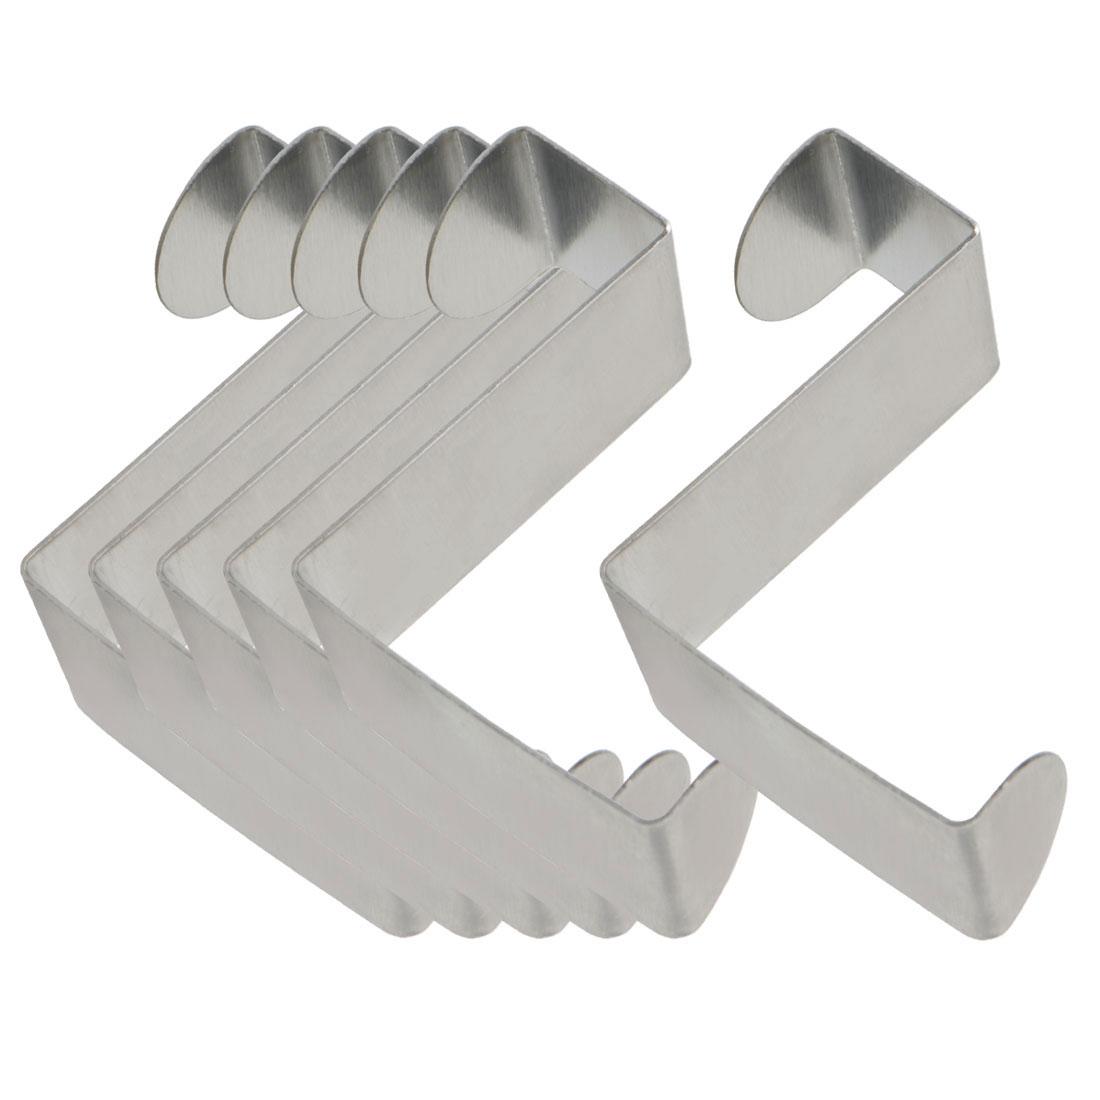 6pcs Z Shaped Hook Stainless Steel for Kitchenware Pot Utensil Coat Holder